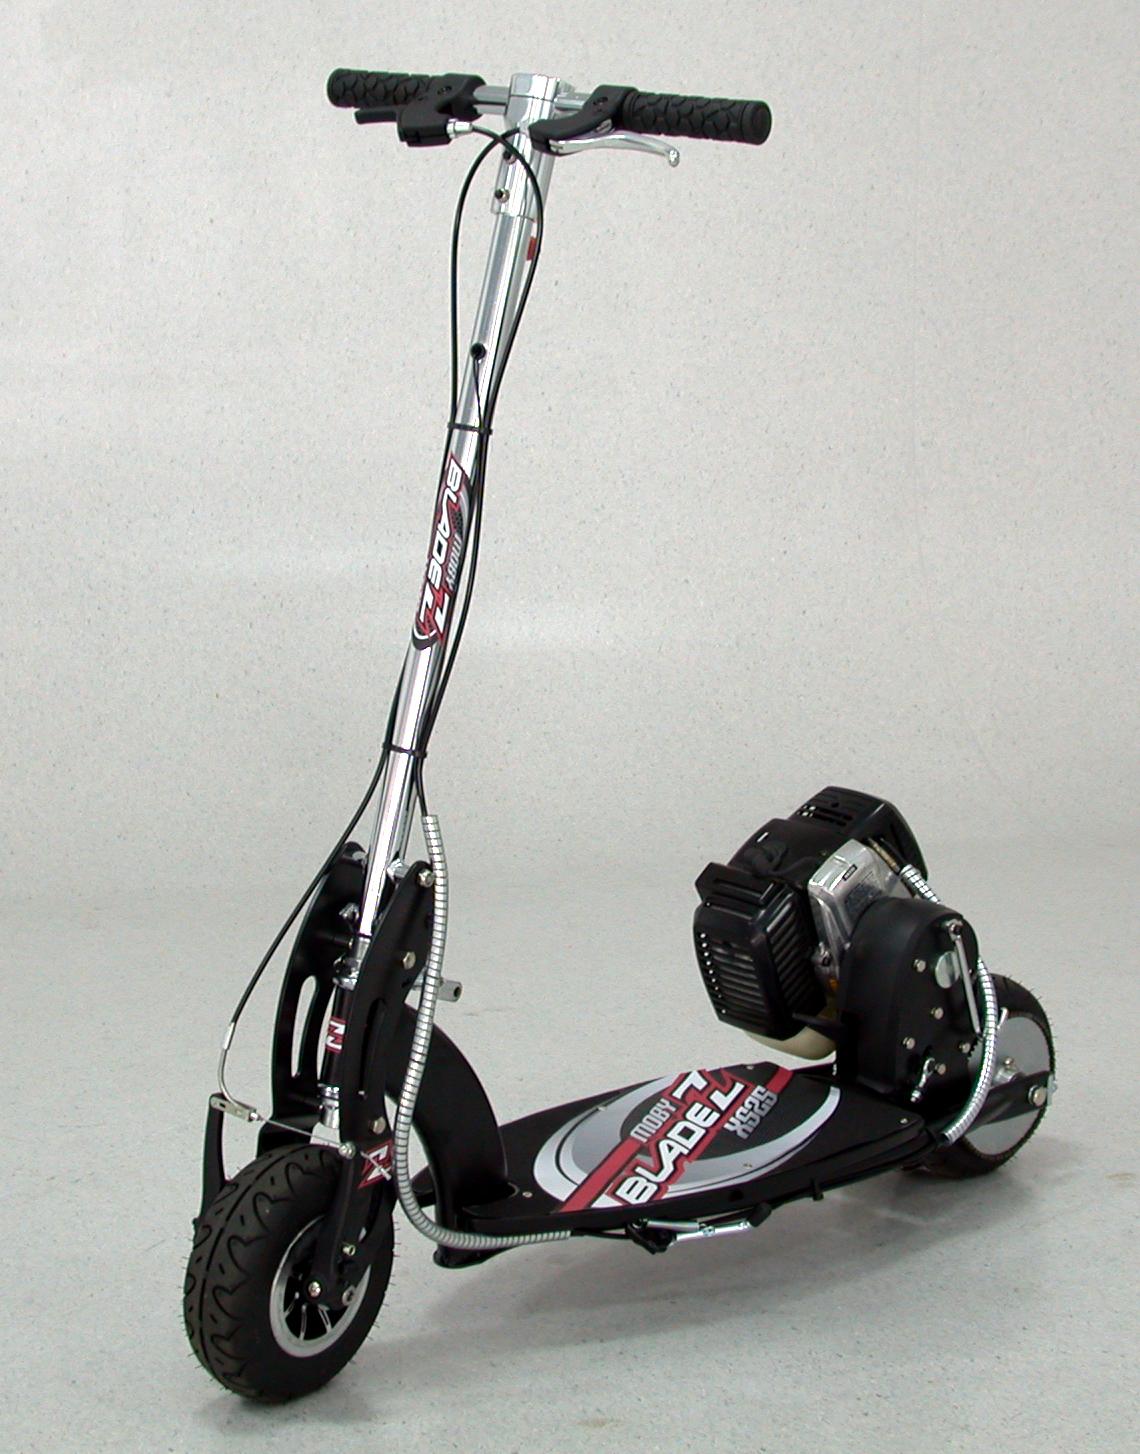 Bladez Moby XS   Scooter Wiki   FANDOM powered by Wikia